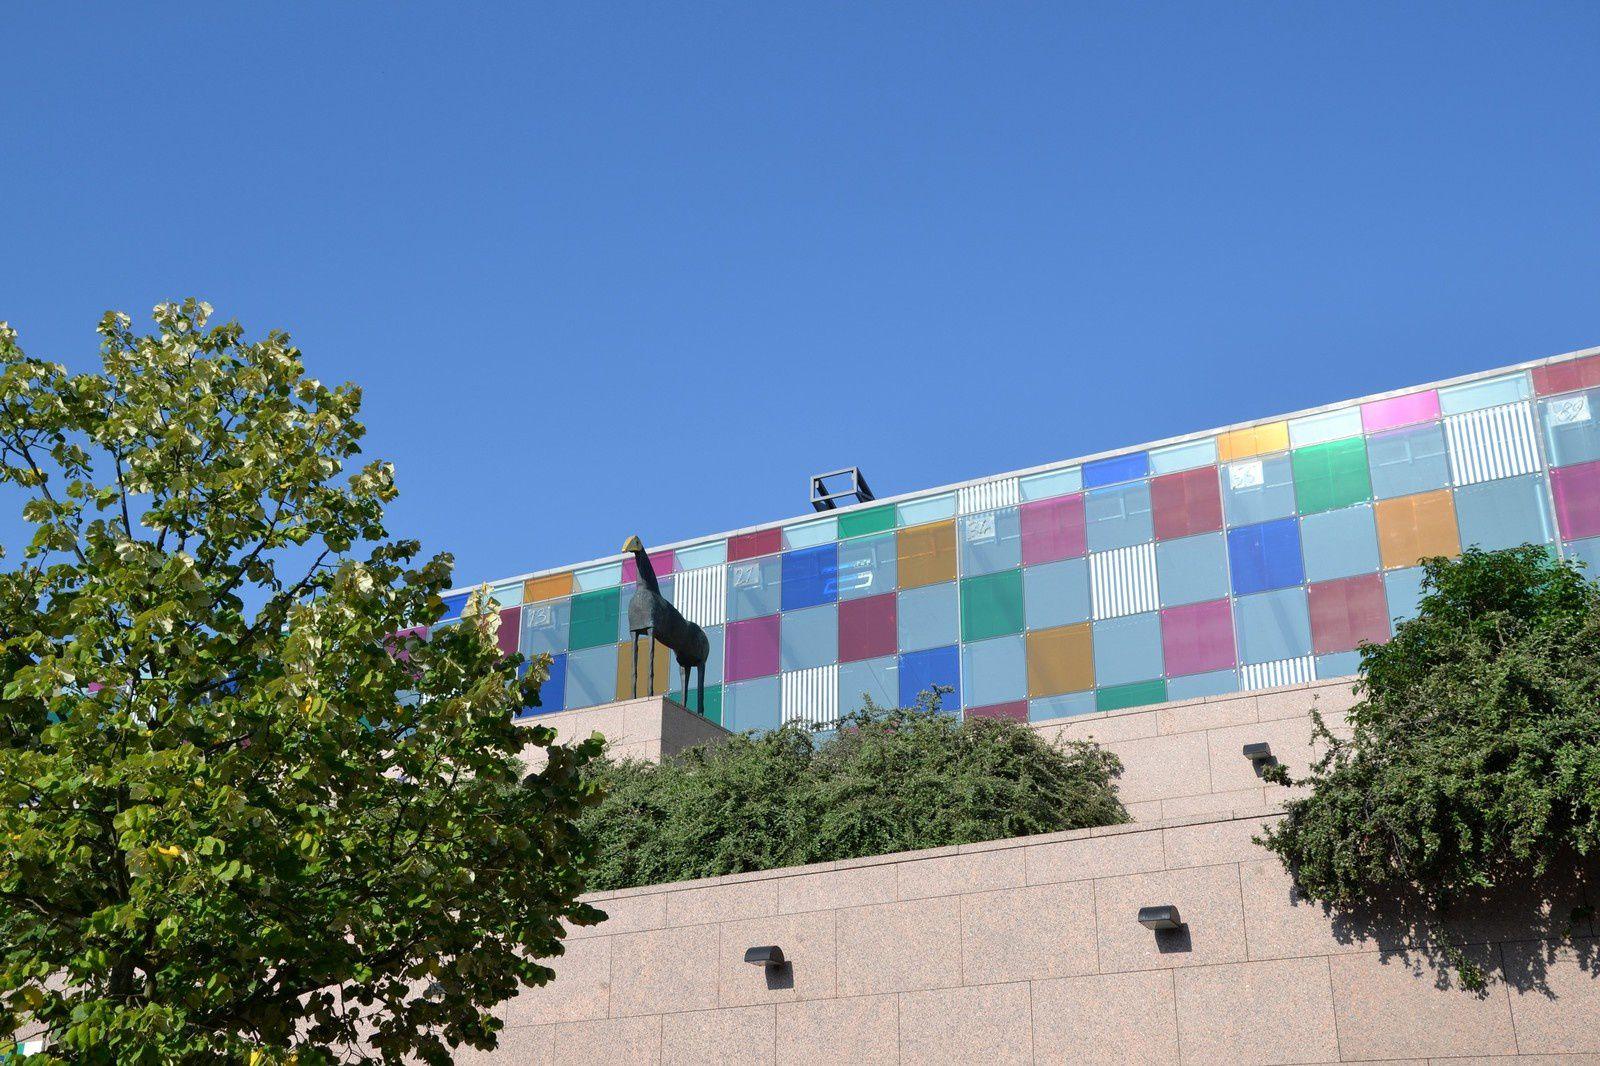 Le musée d'art moderne de Strasbourg